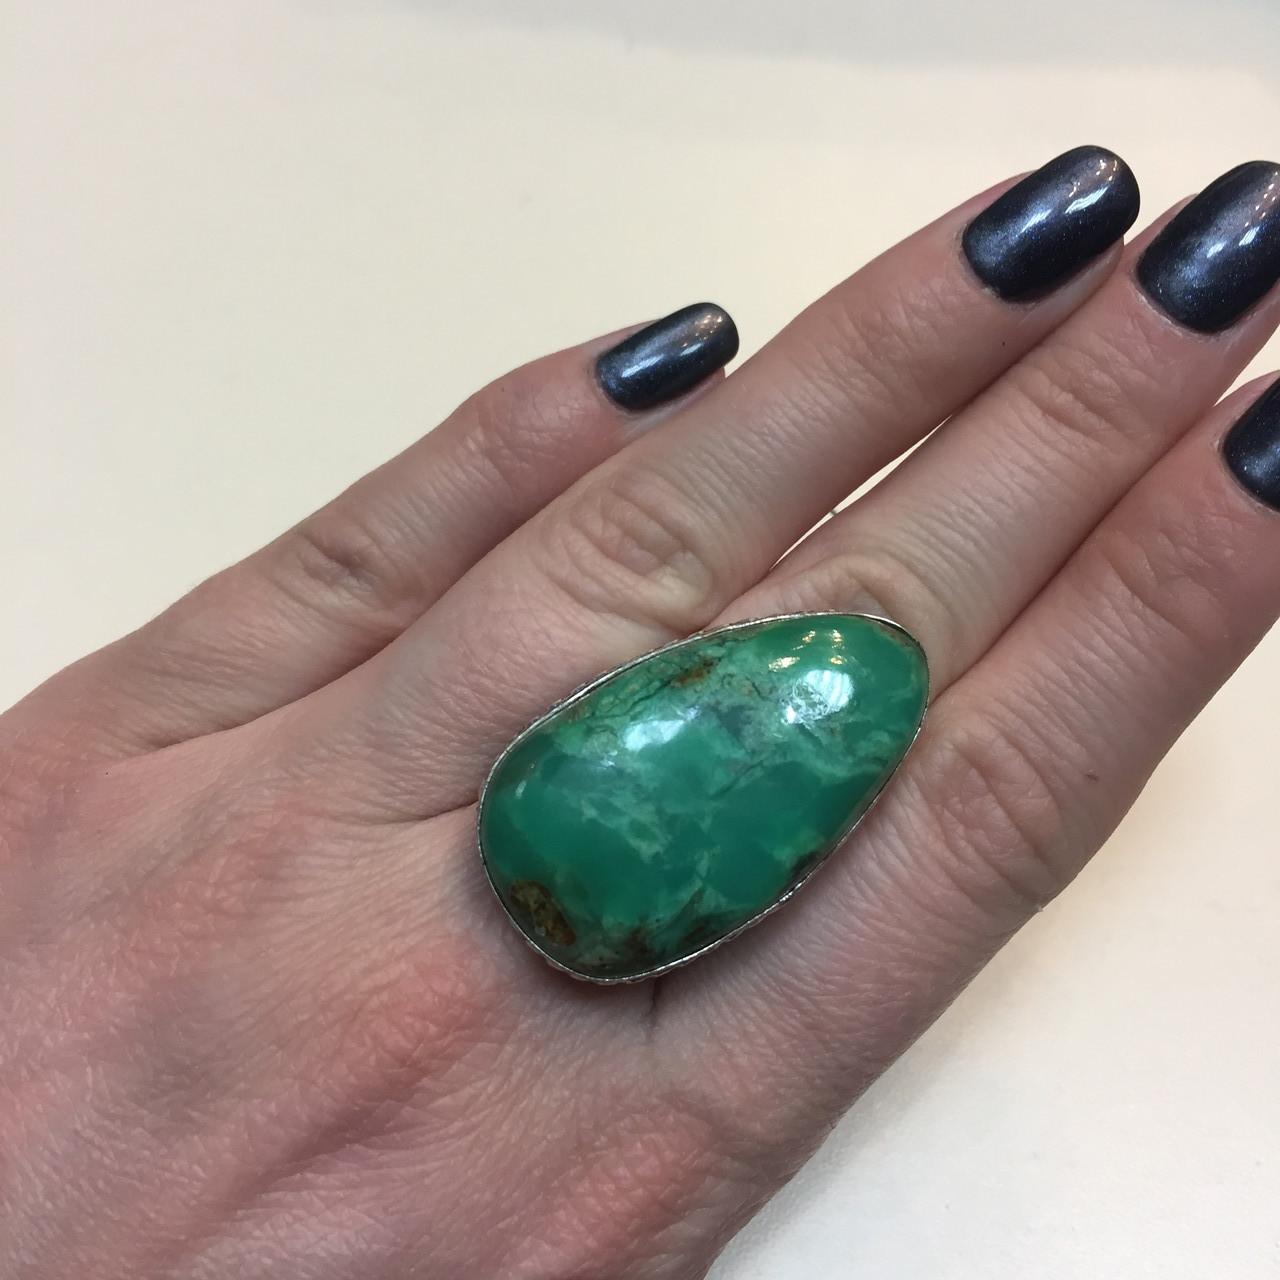 Хризопраз красивое кольцо капля природный хризопраз в серебре. Кольцо с  хризопразом 19 размер Индия!